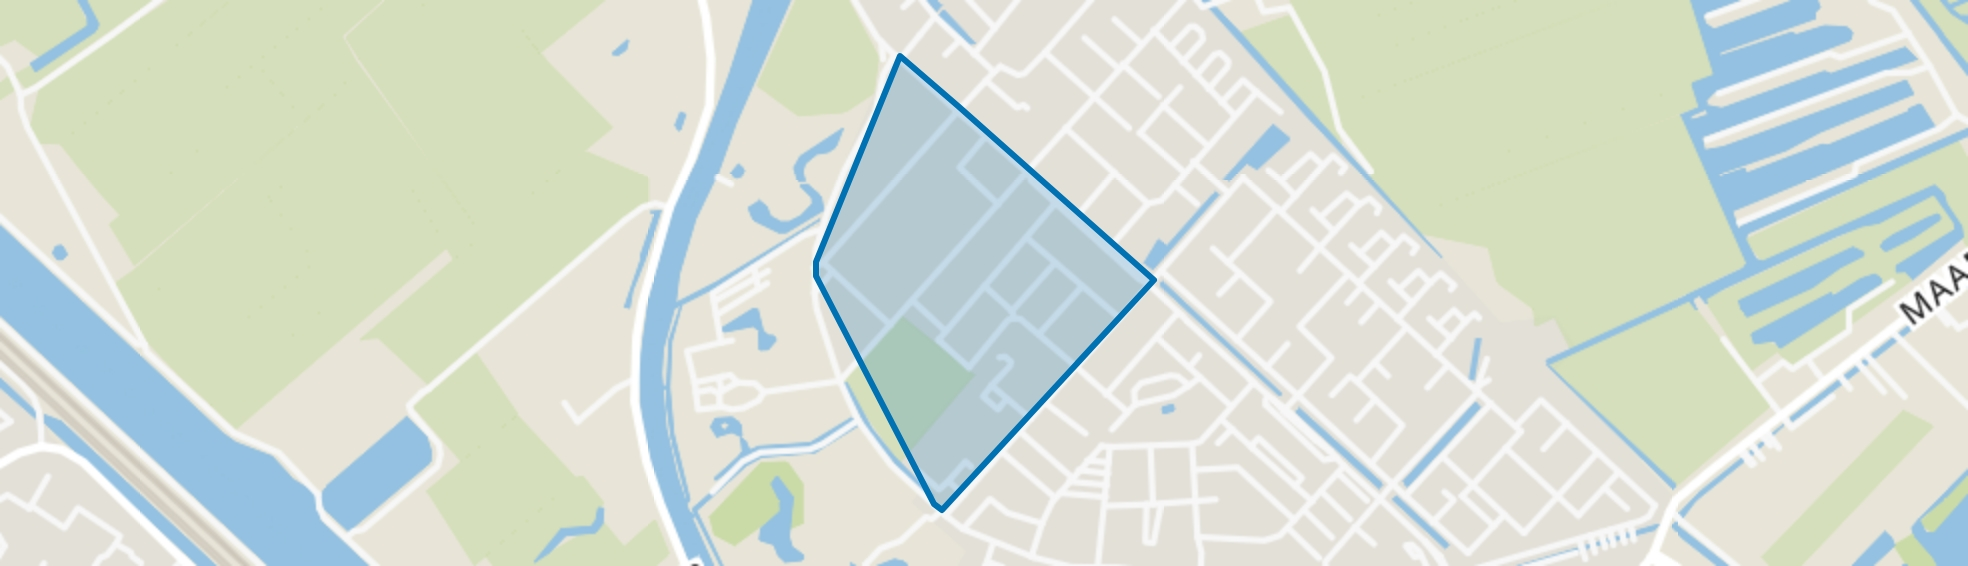 Lanenkwartier, Maarssen map